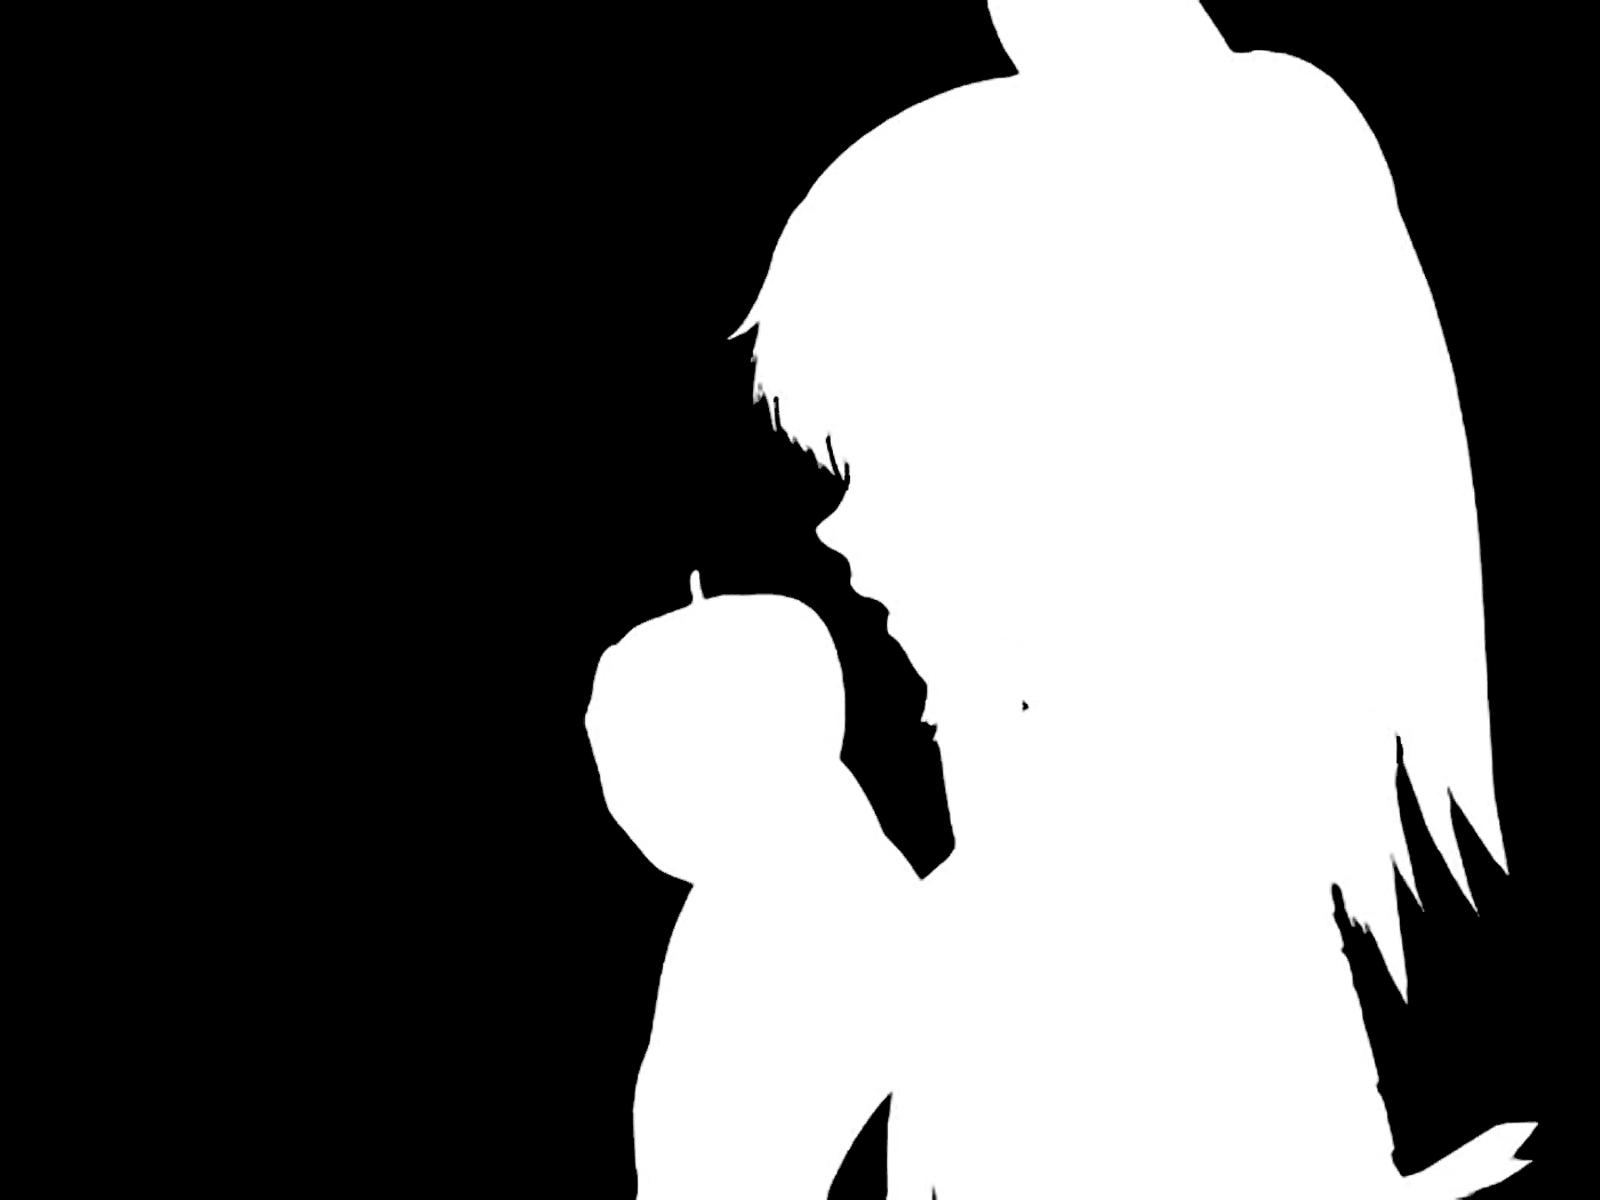 touhou hakurei reimu bad apple HD Wallpaper   Anime Manga 364081 1600x1200